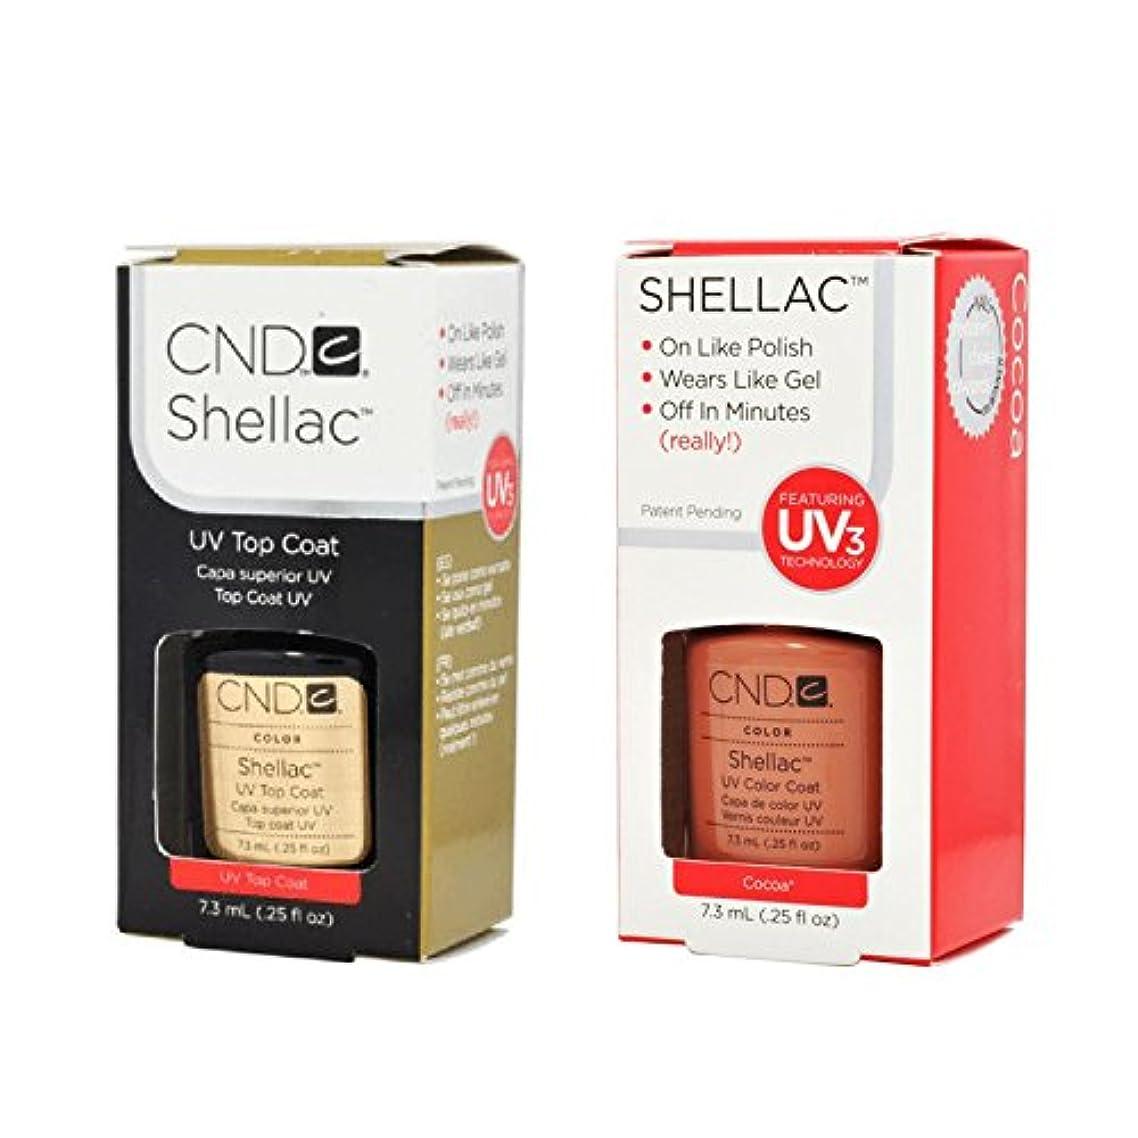 架空のダーベビルのテス光のCND Shellac UVトップコート 7.3m l  &  UV カラーコー< Cocoa > 7.3ml [海外直送品]